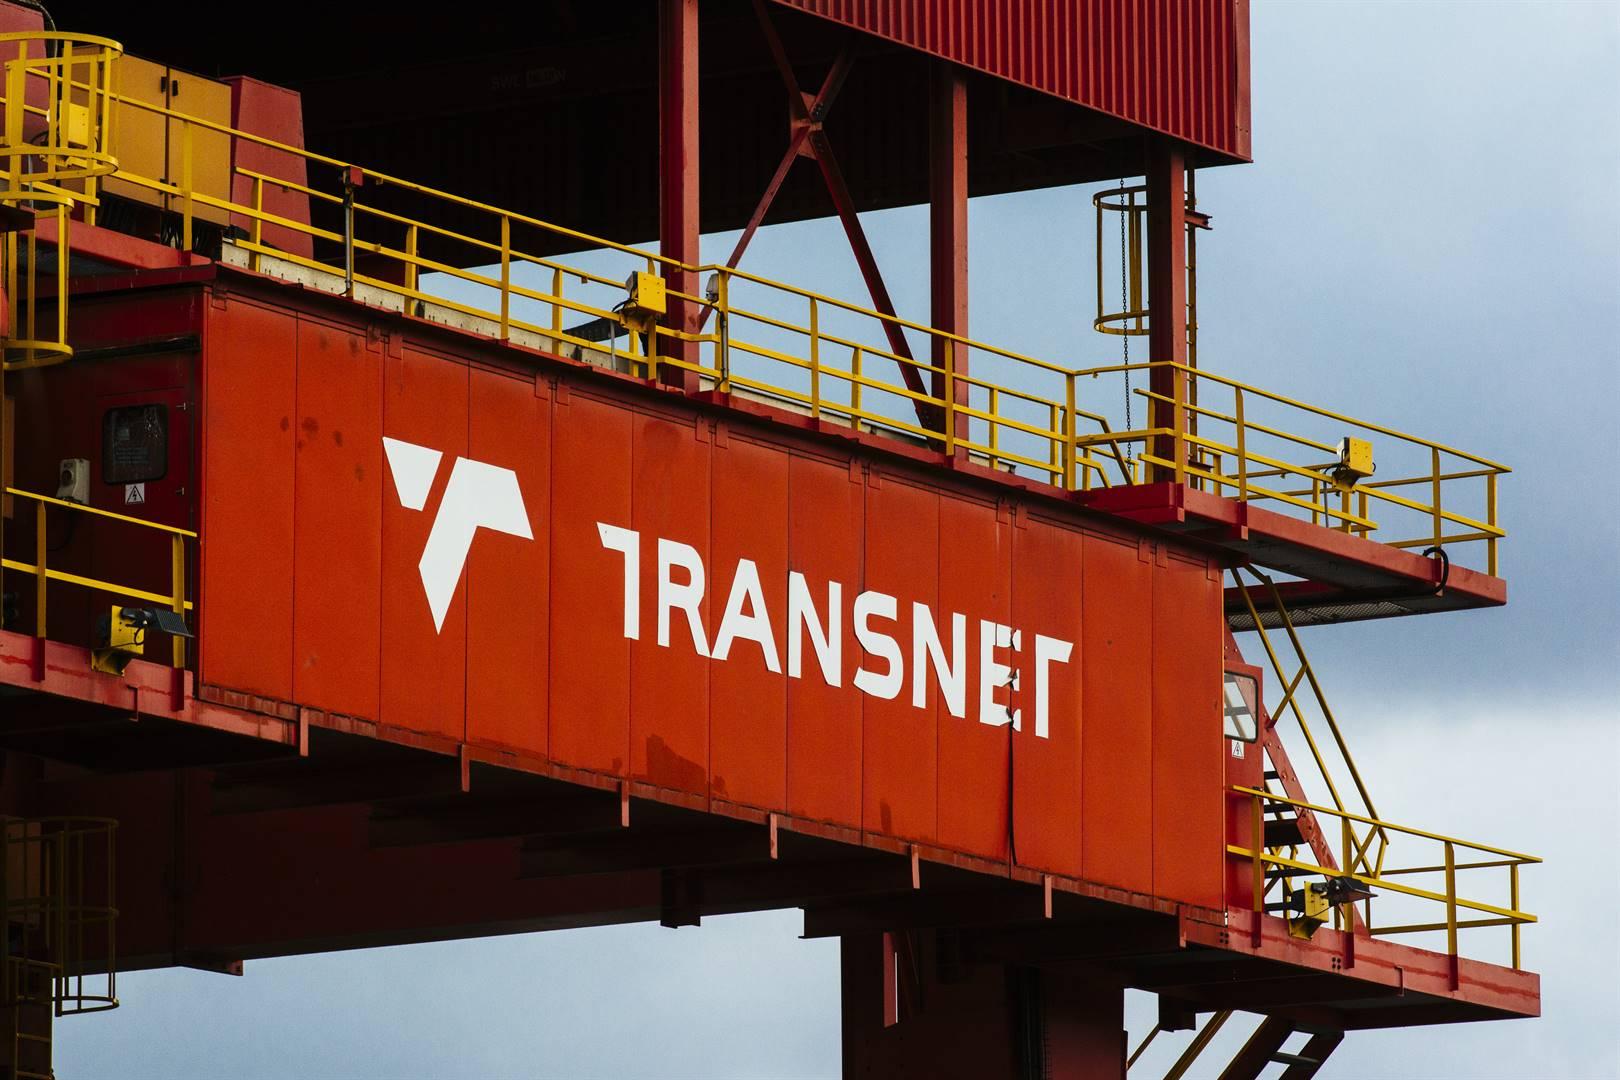 IT-системы южноафриканской госкомпании Transnet вышли из строя в результате кибератаки